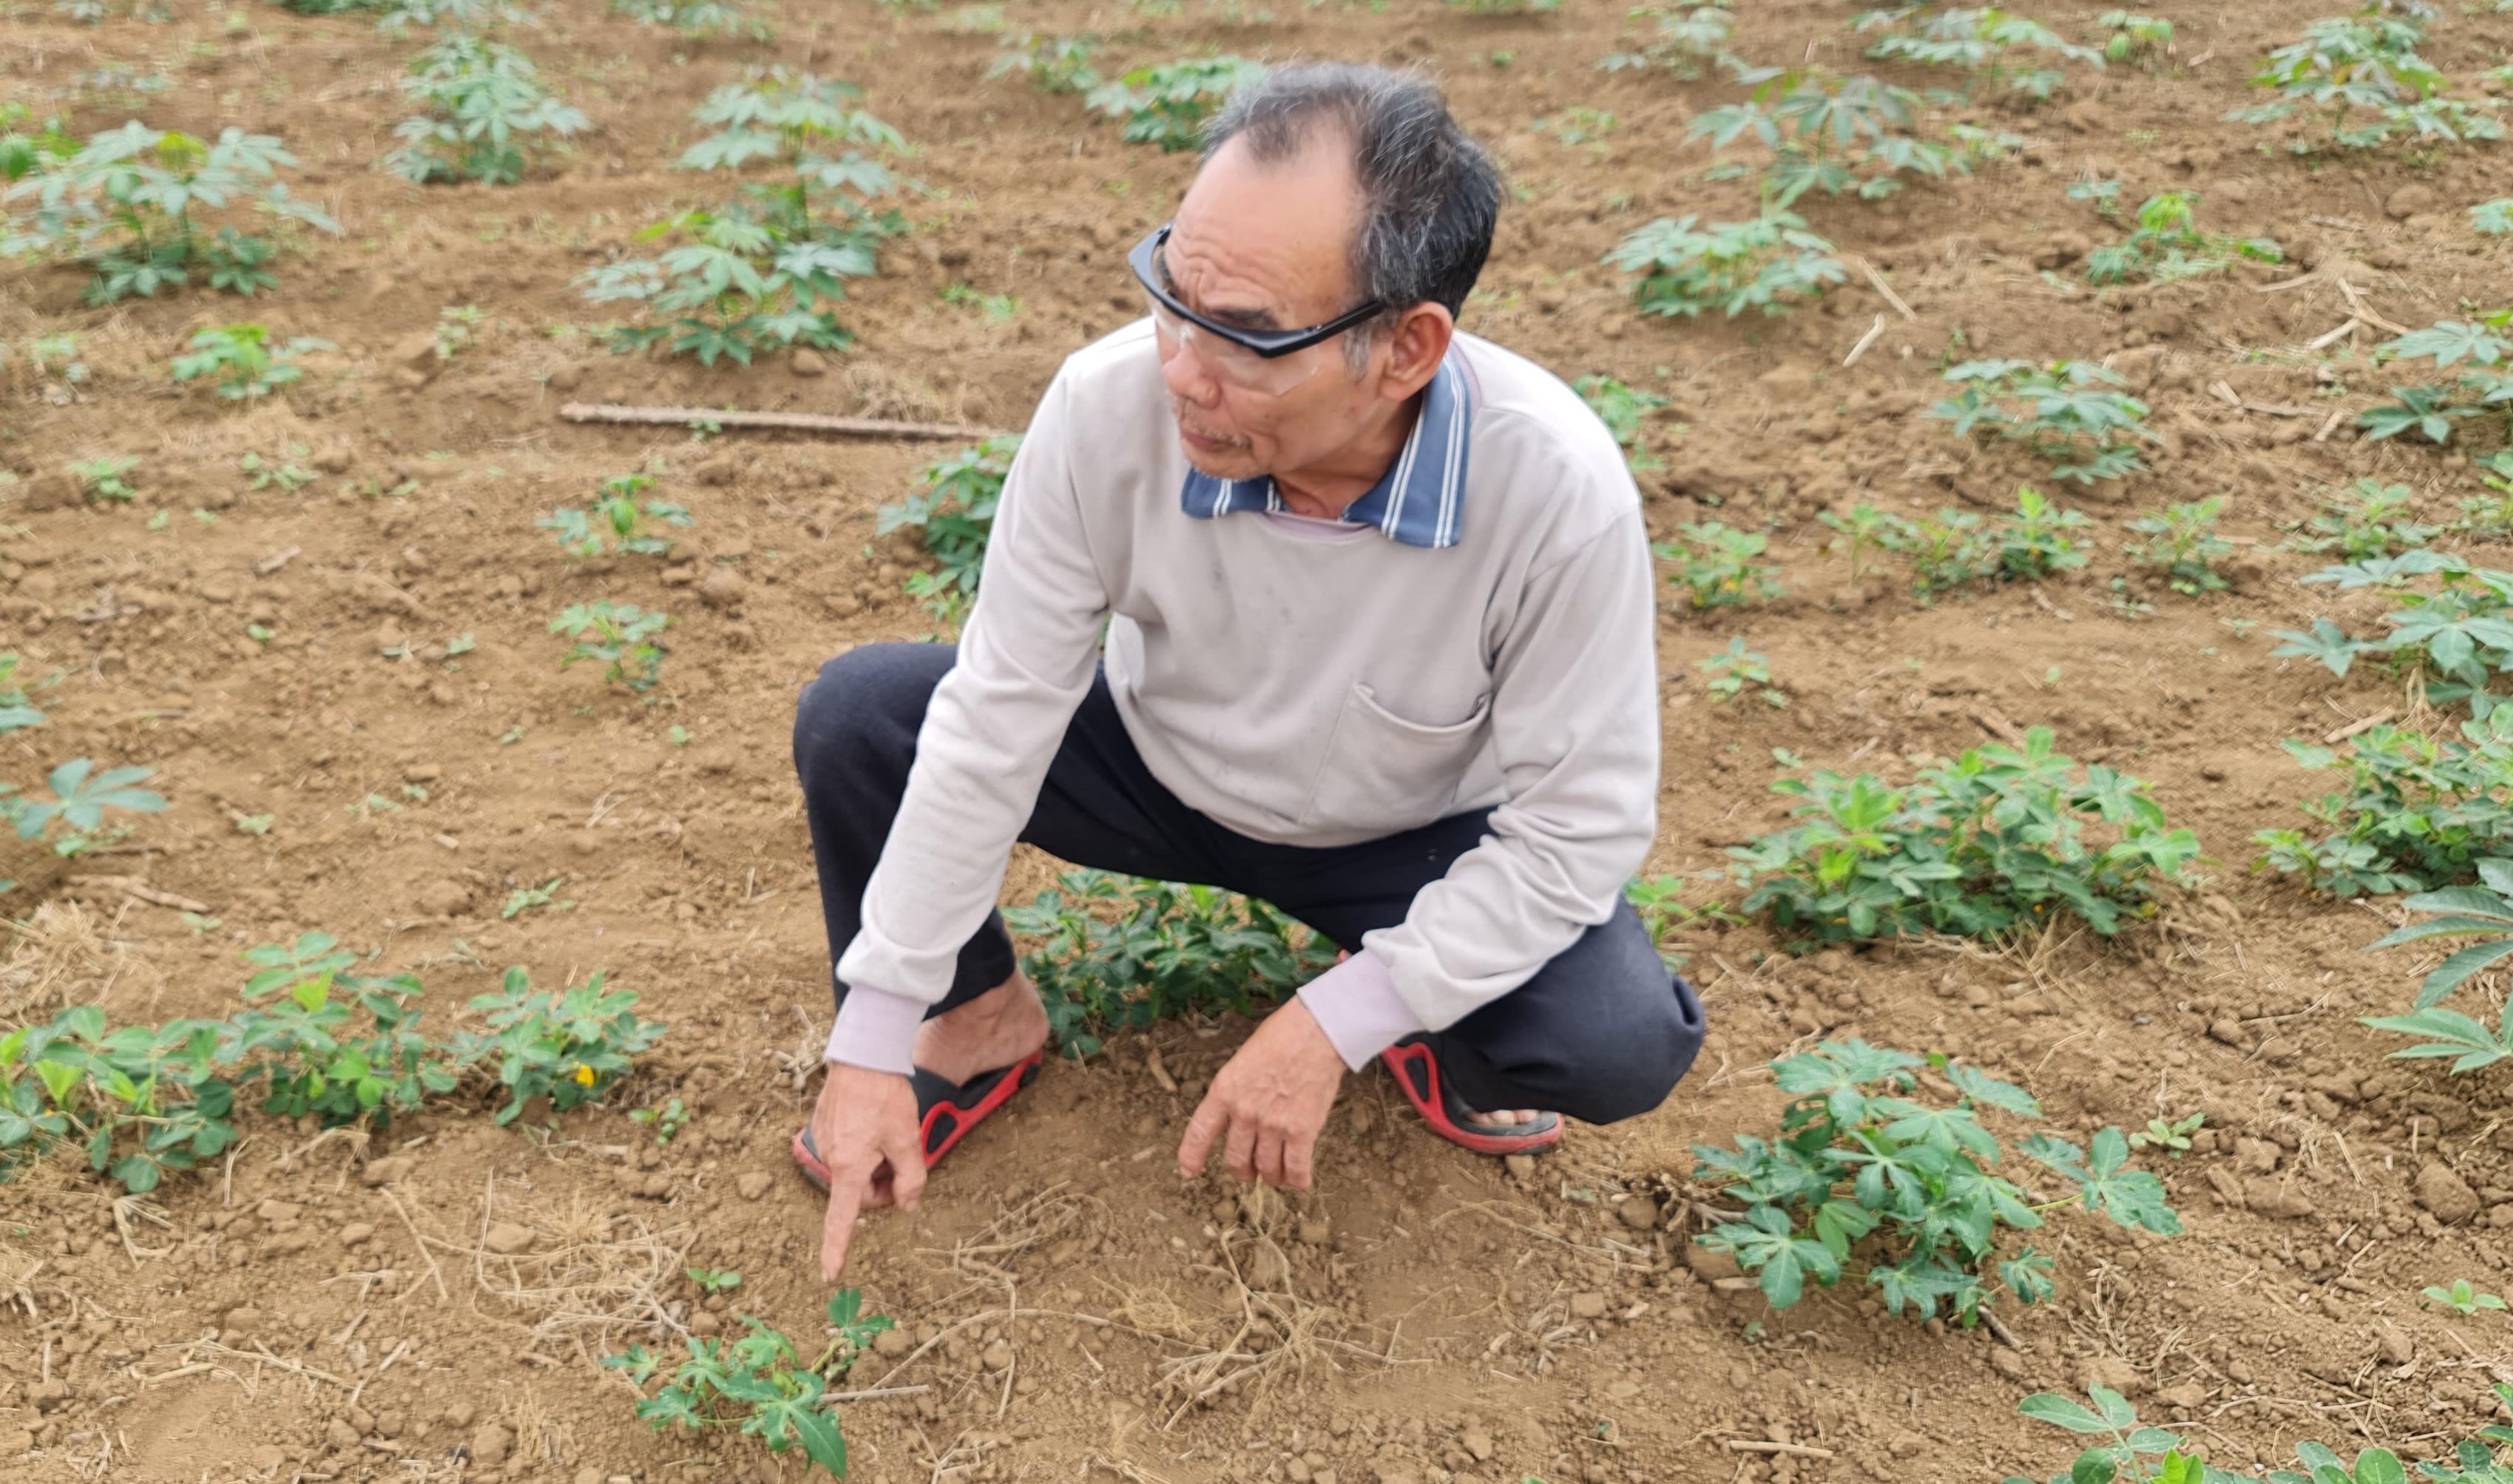 ông Lê Thọ Bình, xã Xuân Dương, huyện Thường Xuân phải nhổ bỏ toàn bộ diện tích sắn bị nhiệm bệnh